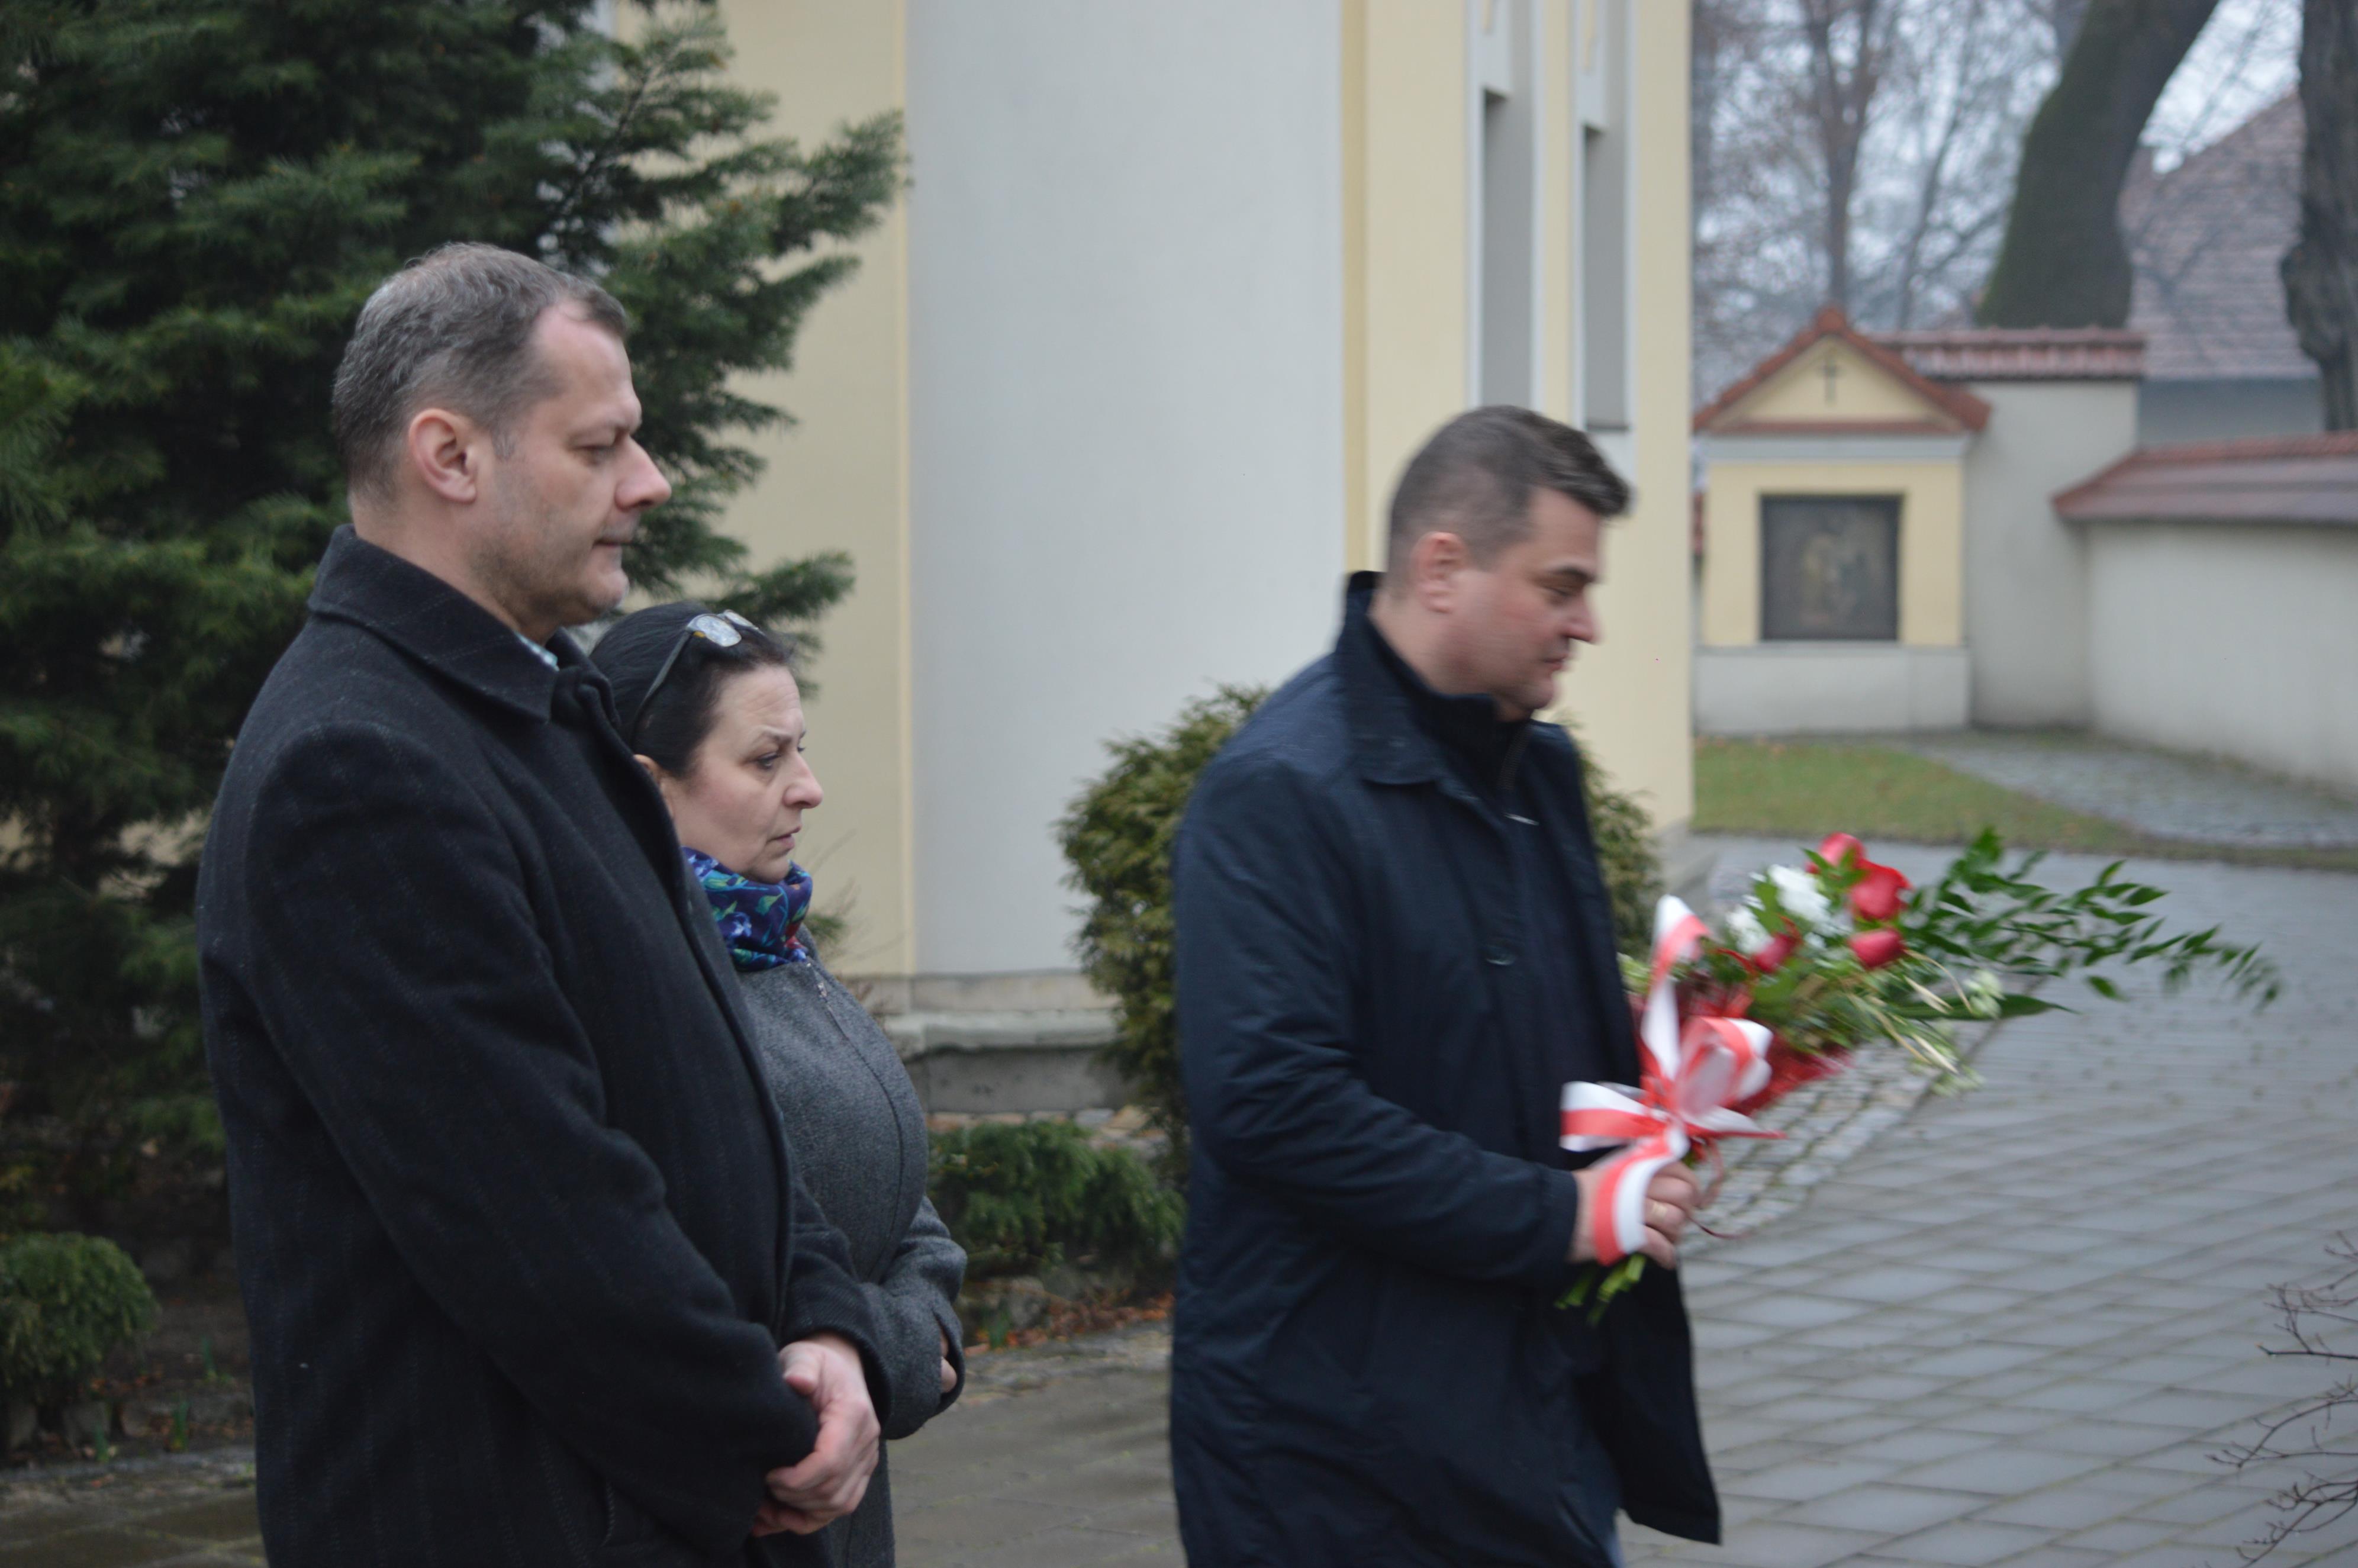 Andrychów, Kęty, Wadowice: upamiętnili Żołnierzy Wyklętych [FOTO]